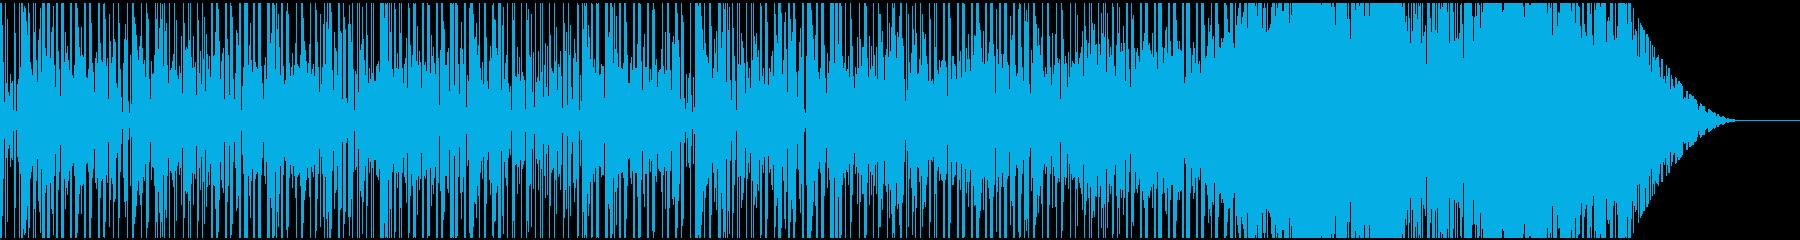 全力疾走曲の再生済みの波形